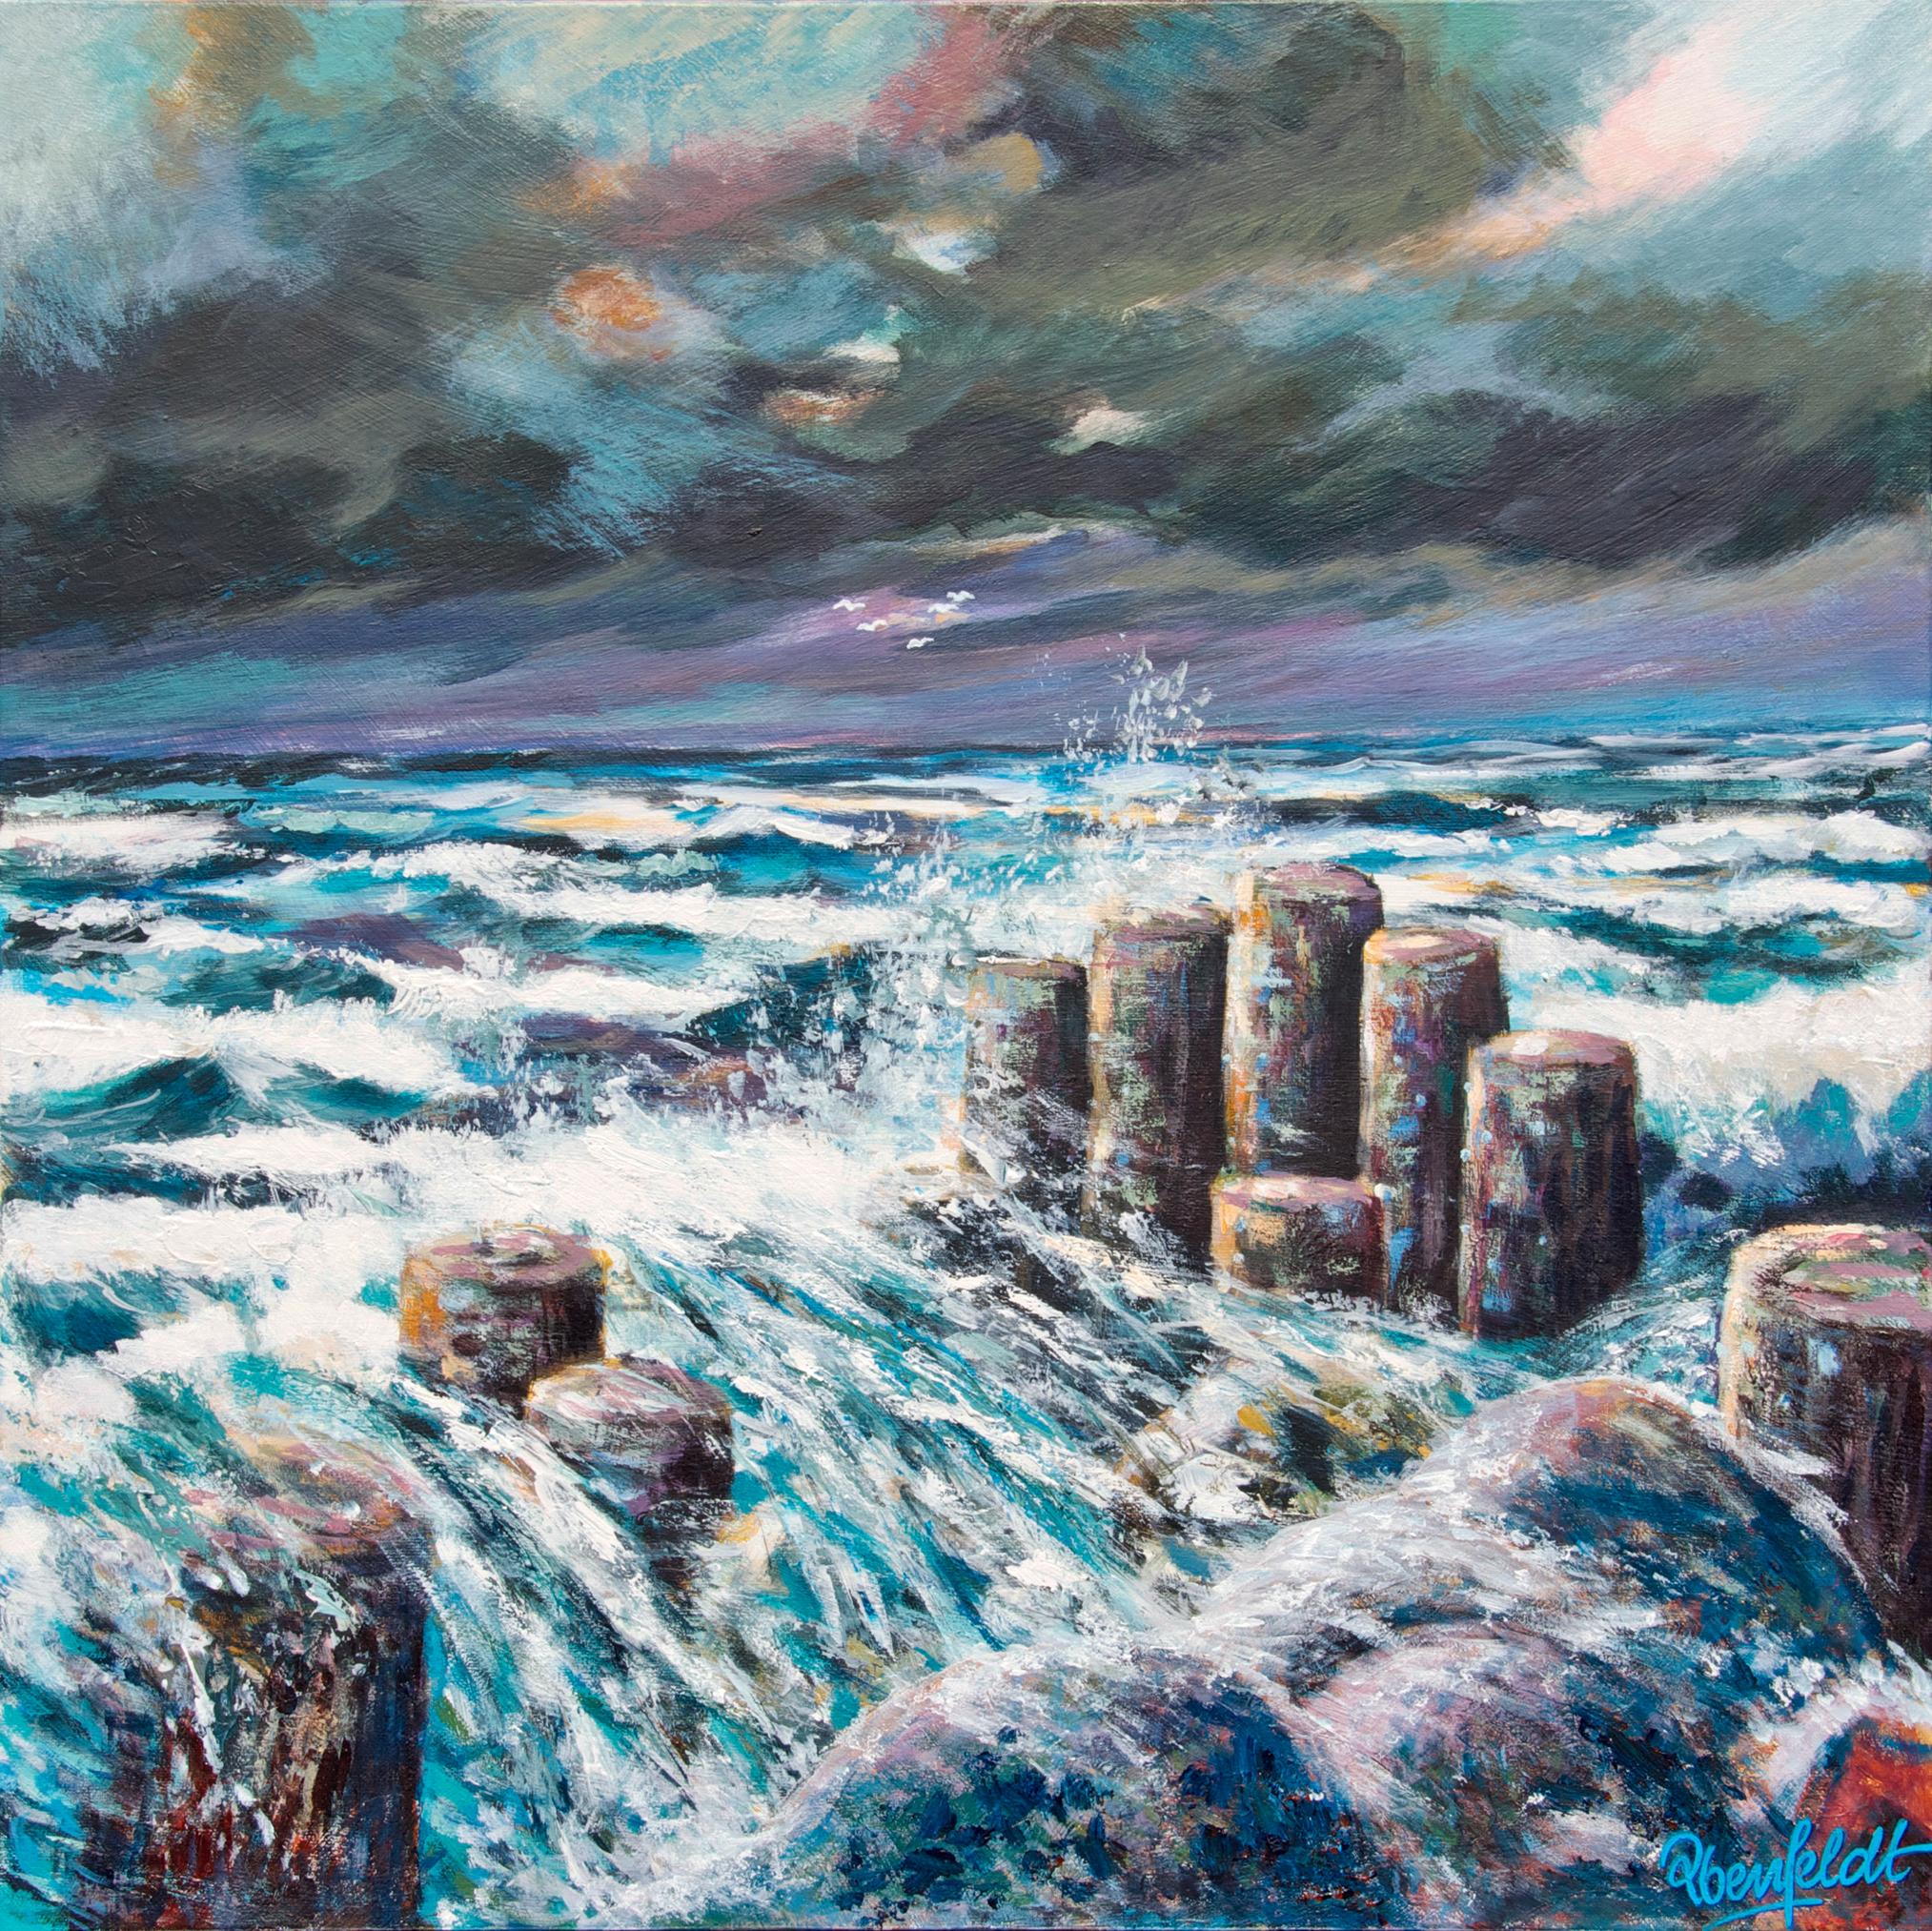 Storm ved Vesterhavet 60 x 60 cm, AKRYL PÅ LÆRRED